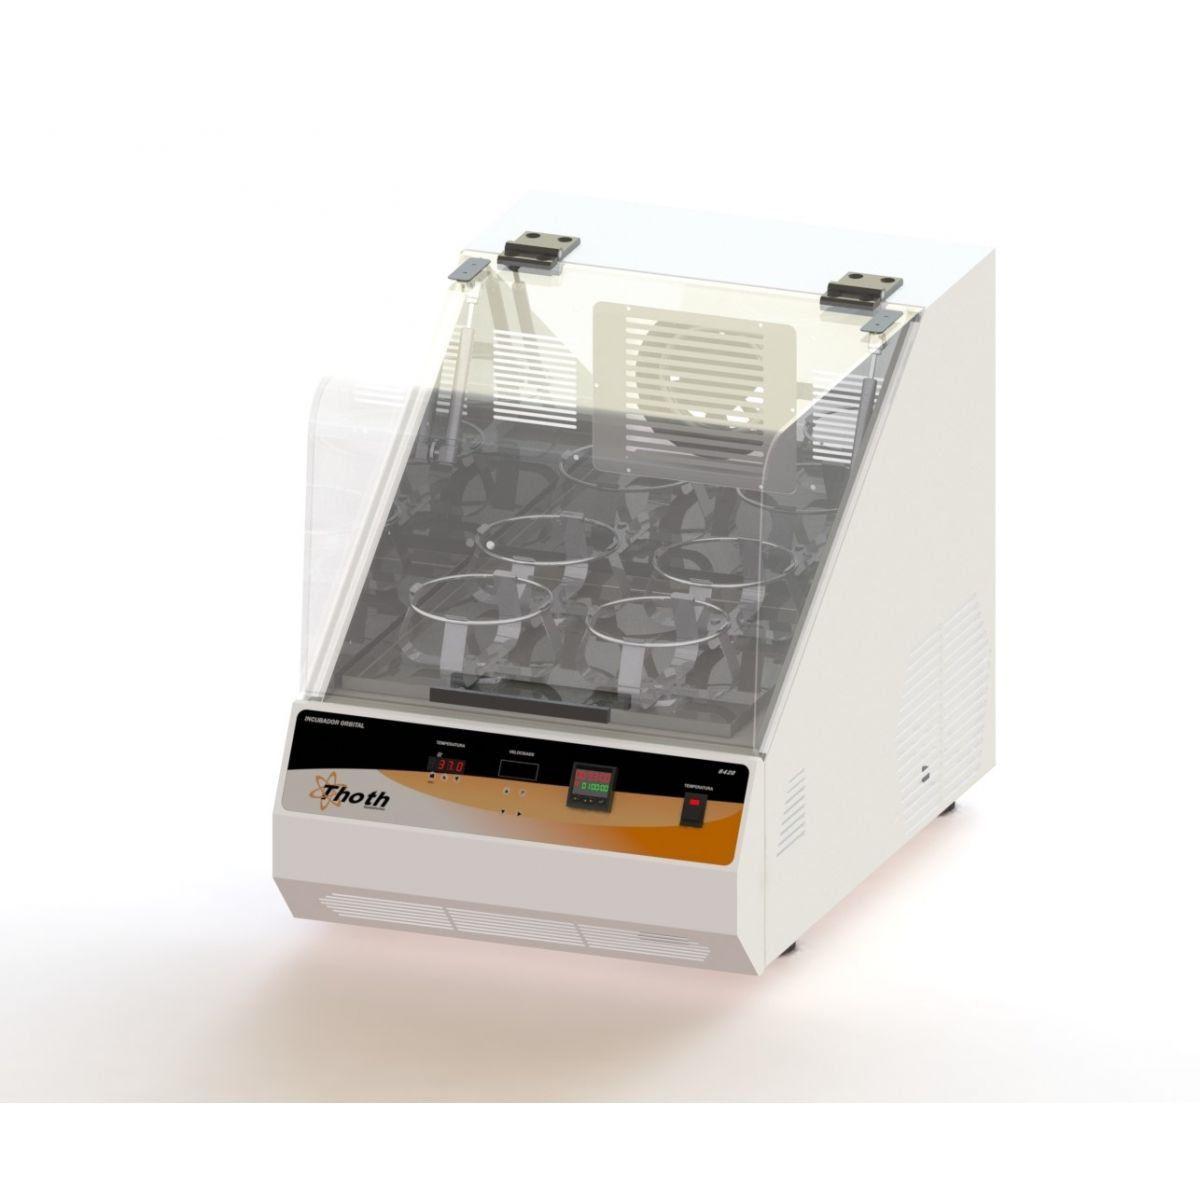 Incubadora com agitação orbital shaker de bancada com timer 84 litros toth, 220 v.